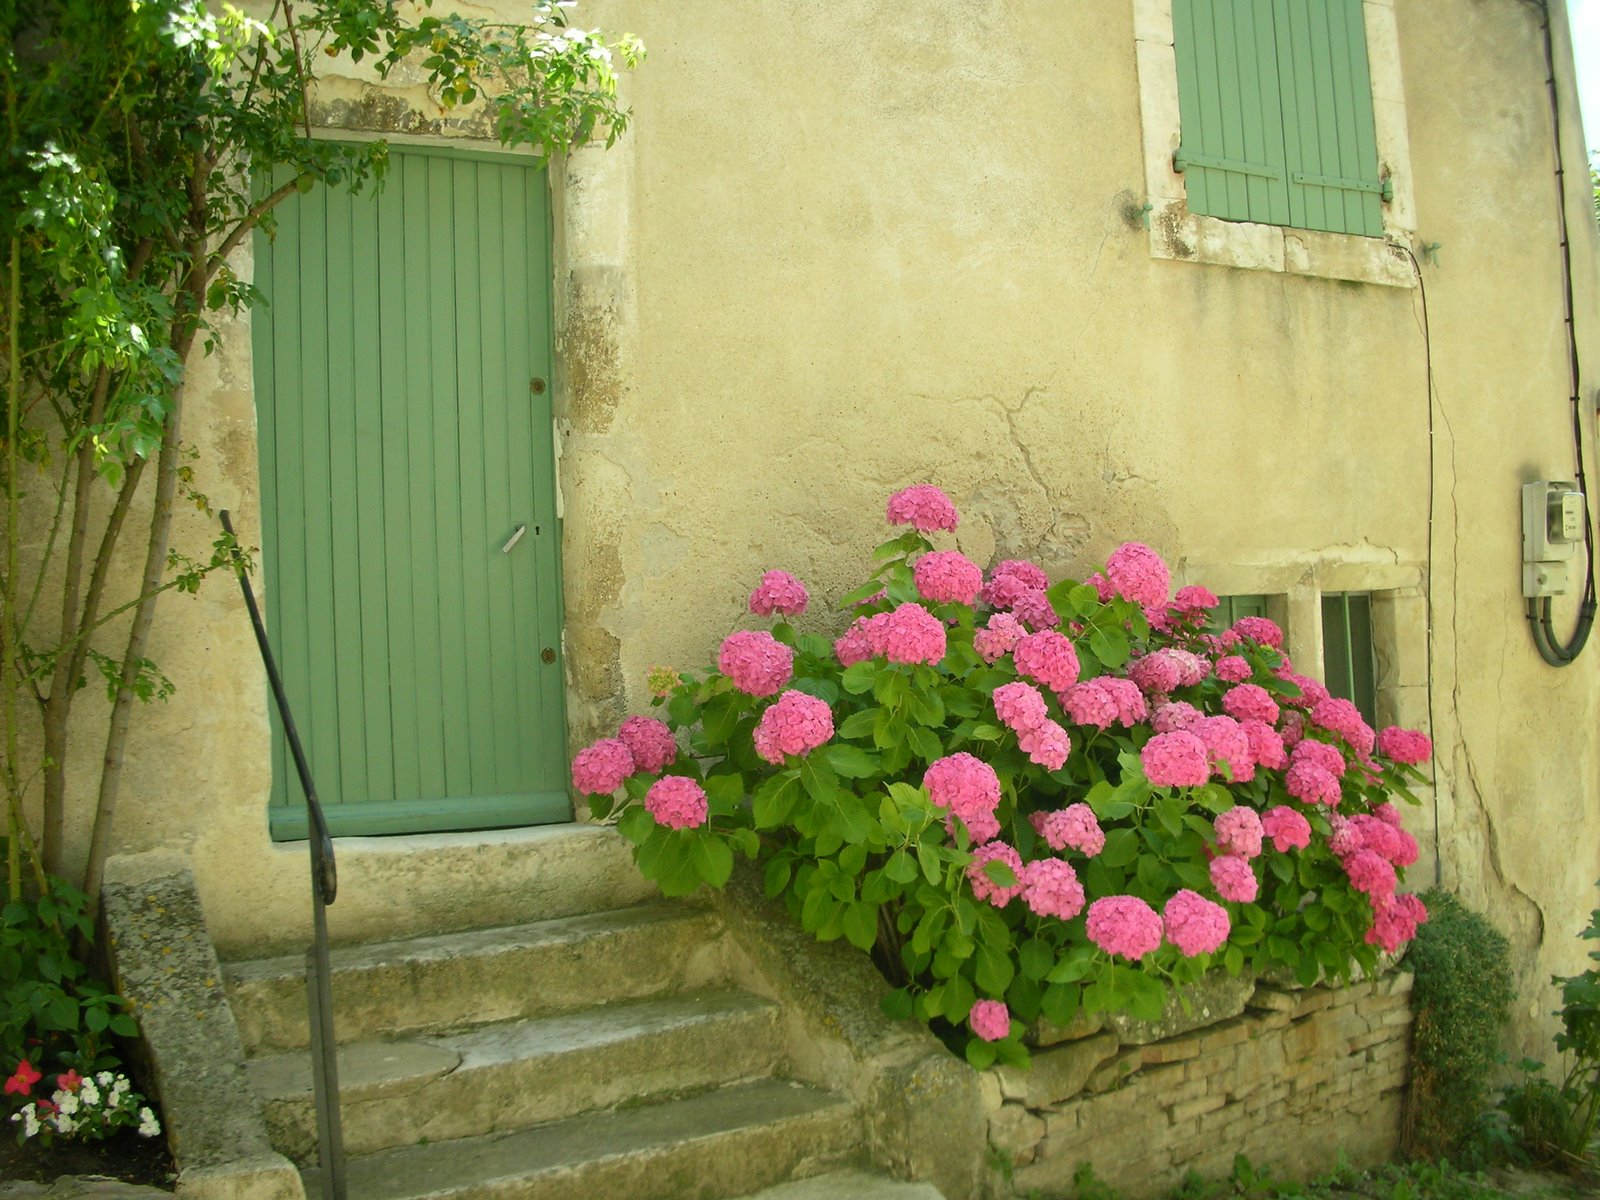 Le Poet-Laval, France